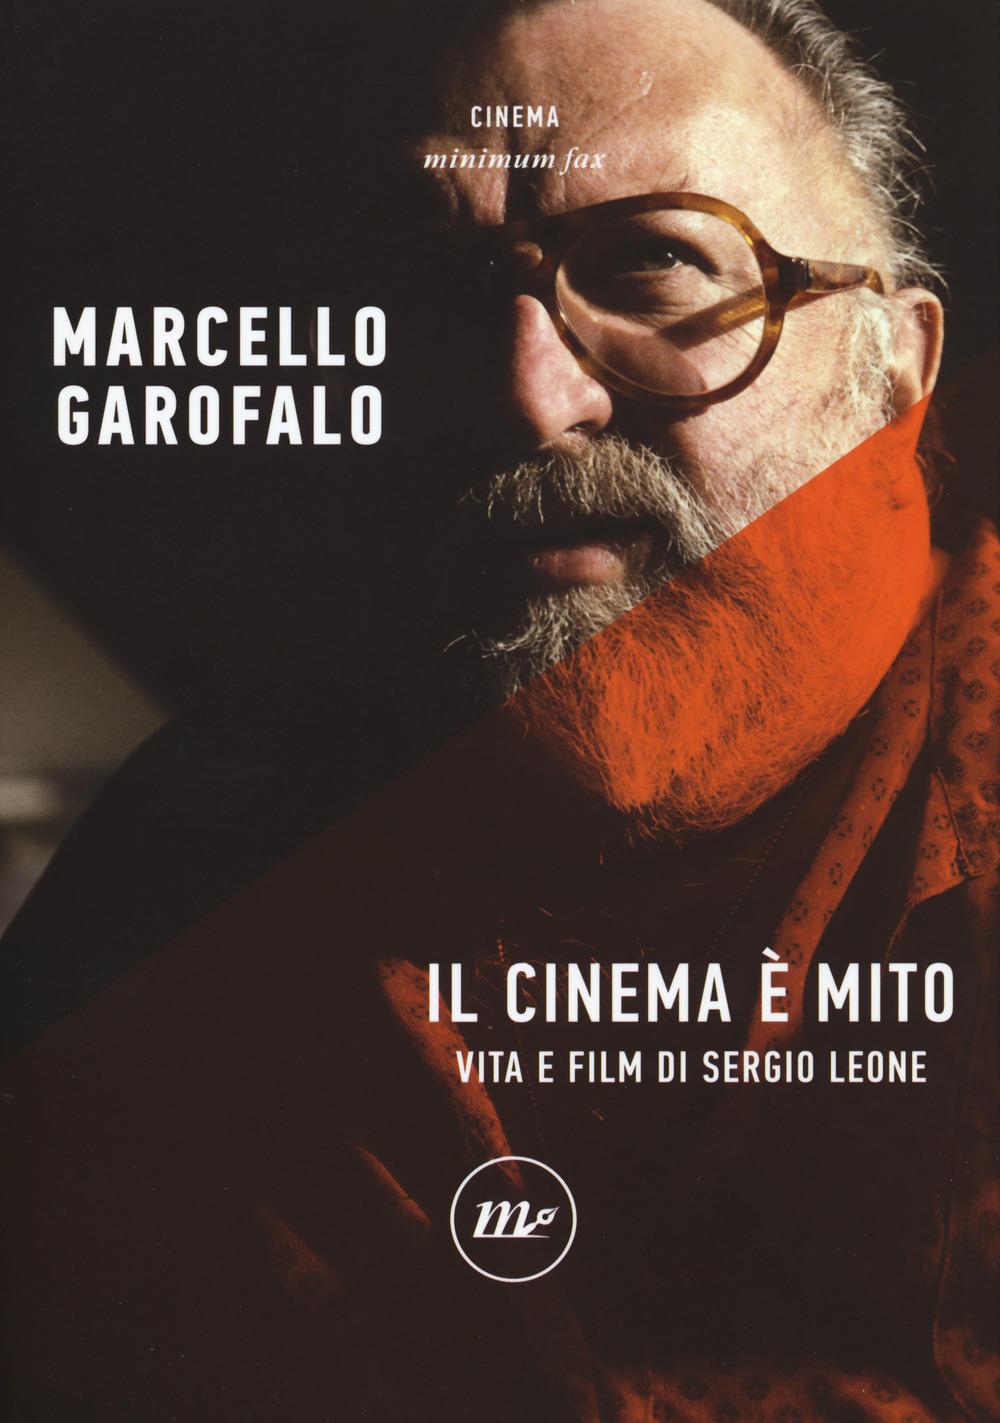 CINEMA È MITO. VITA E FILM DI SERGIO LEONE (IL) - Garofalo Marcello - 9788833891361